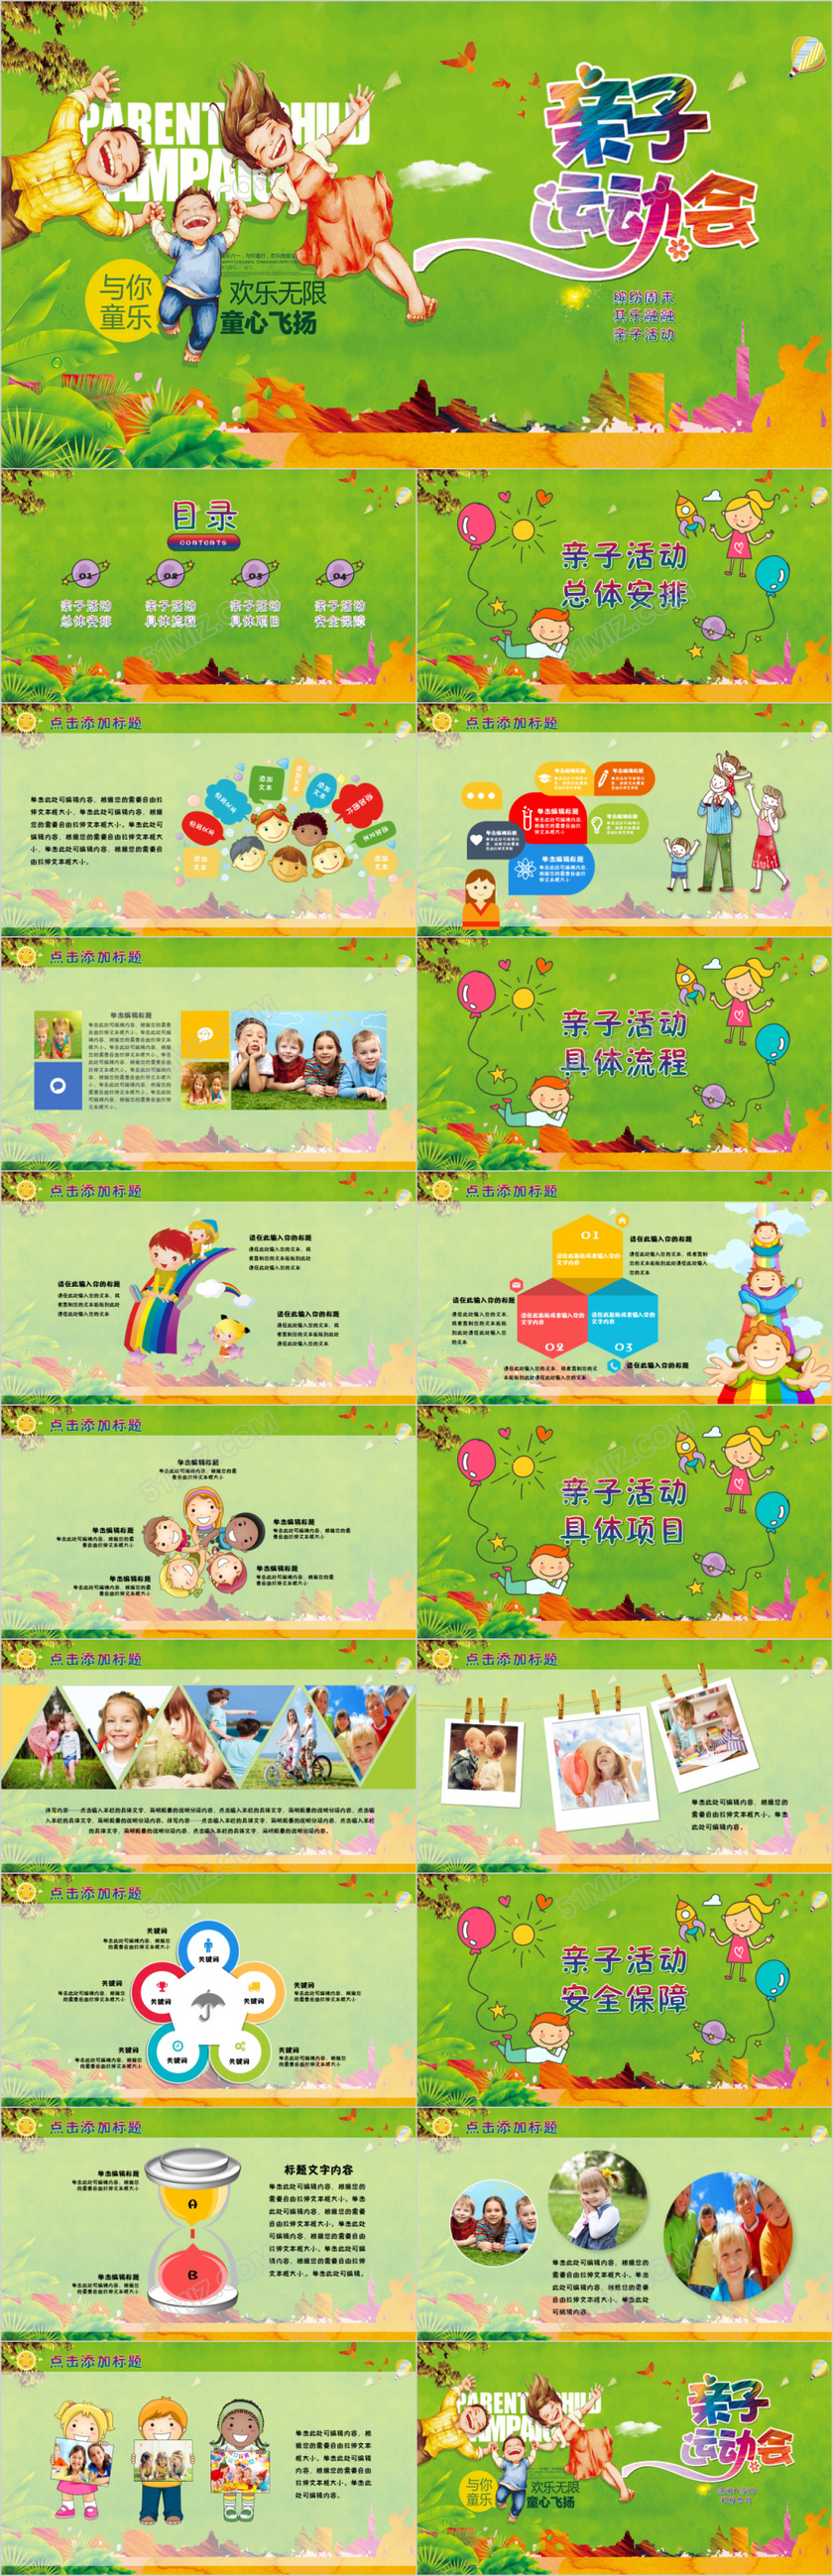 幼儿园亲子运动会学校活动比拼展示ppt